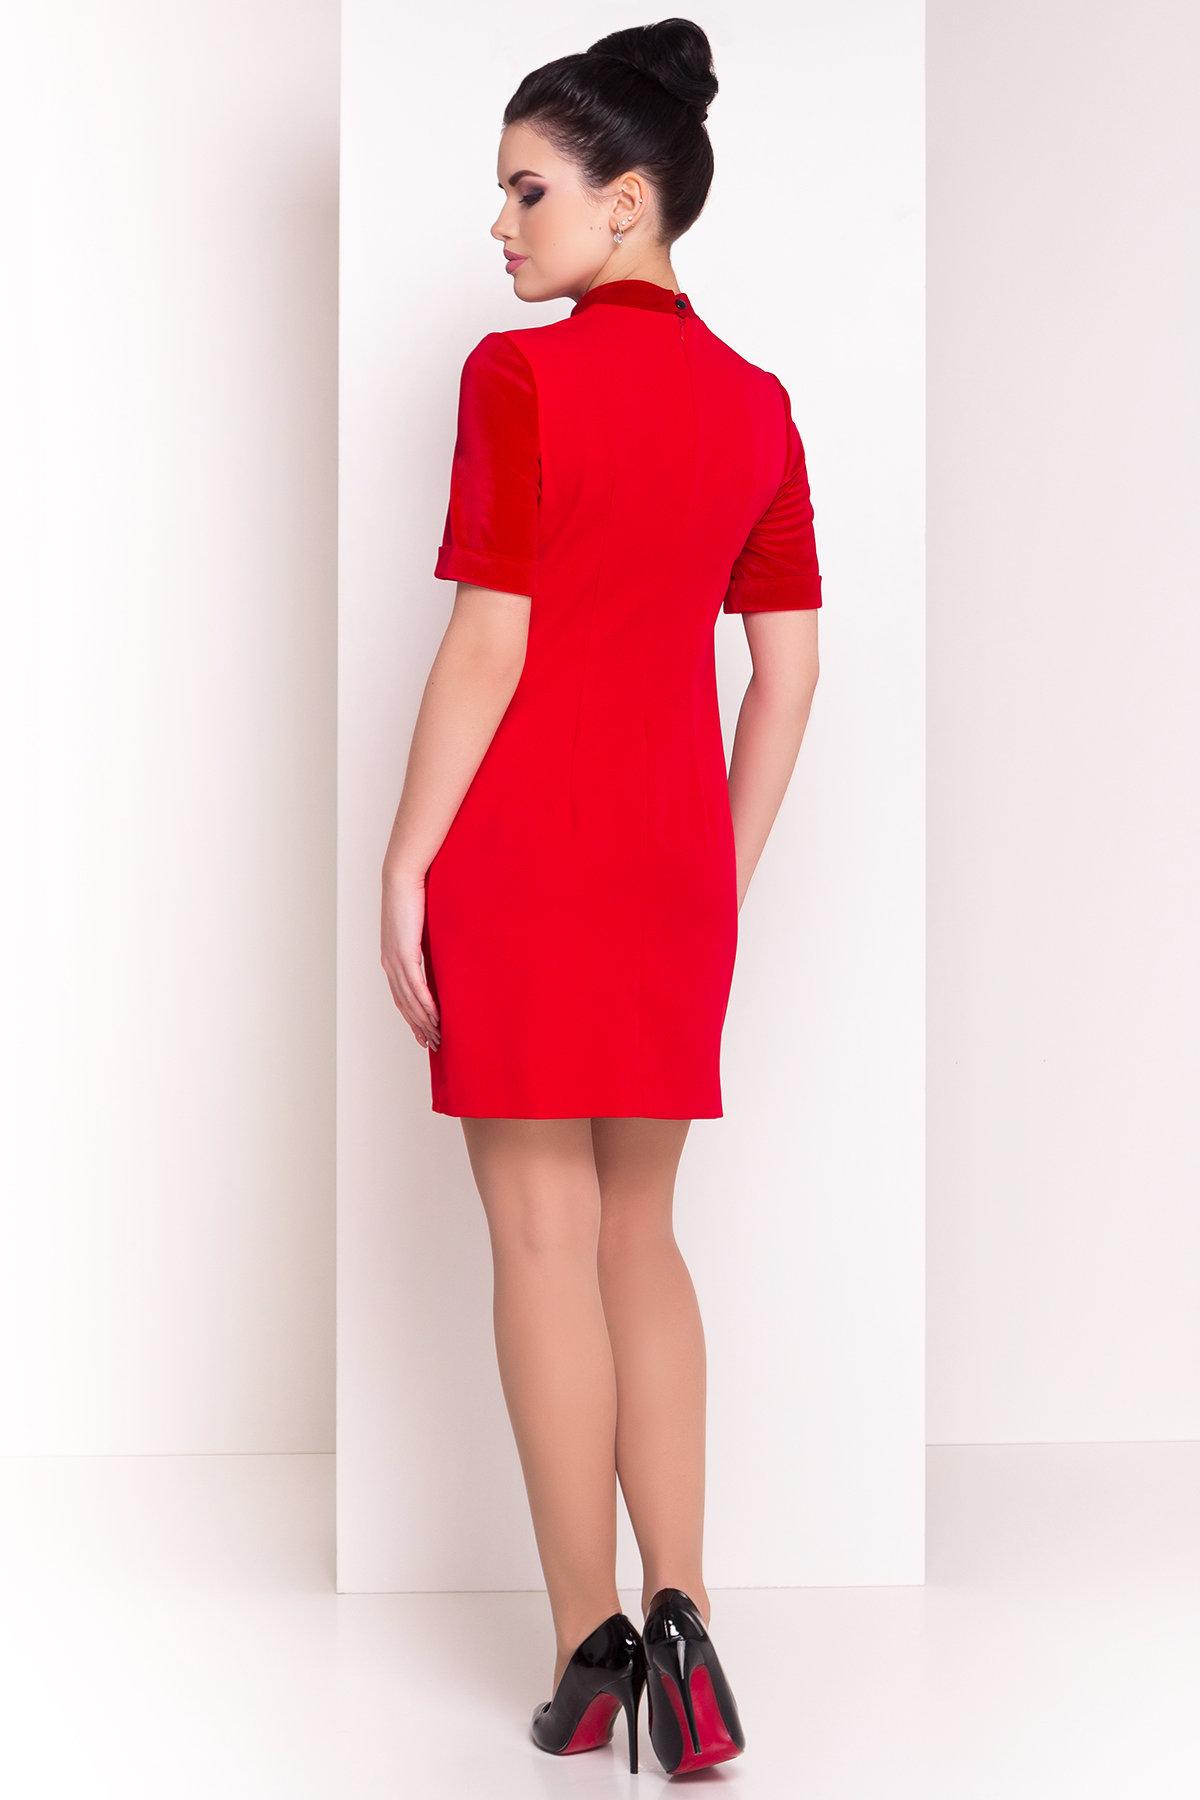 Платье Бонерус 4455 АРТ. 21411 Цвет: Красный - фото 2, интернет магазин tm-modus.ru